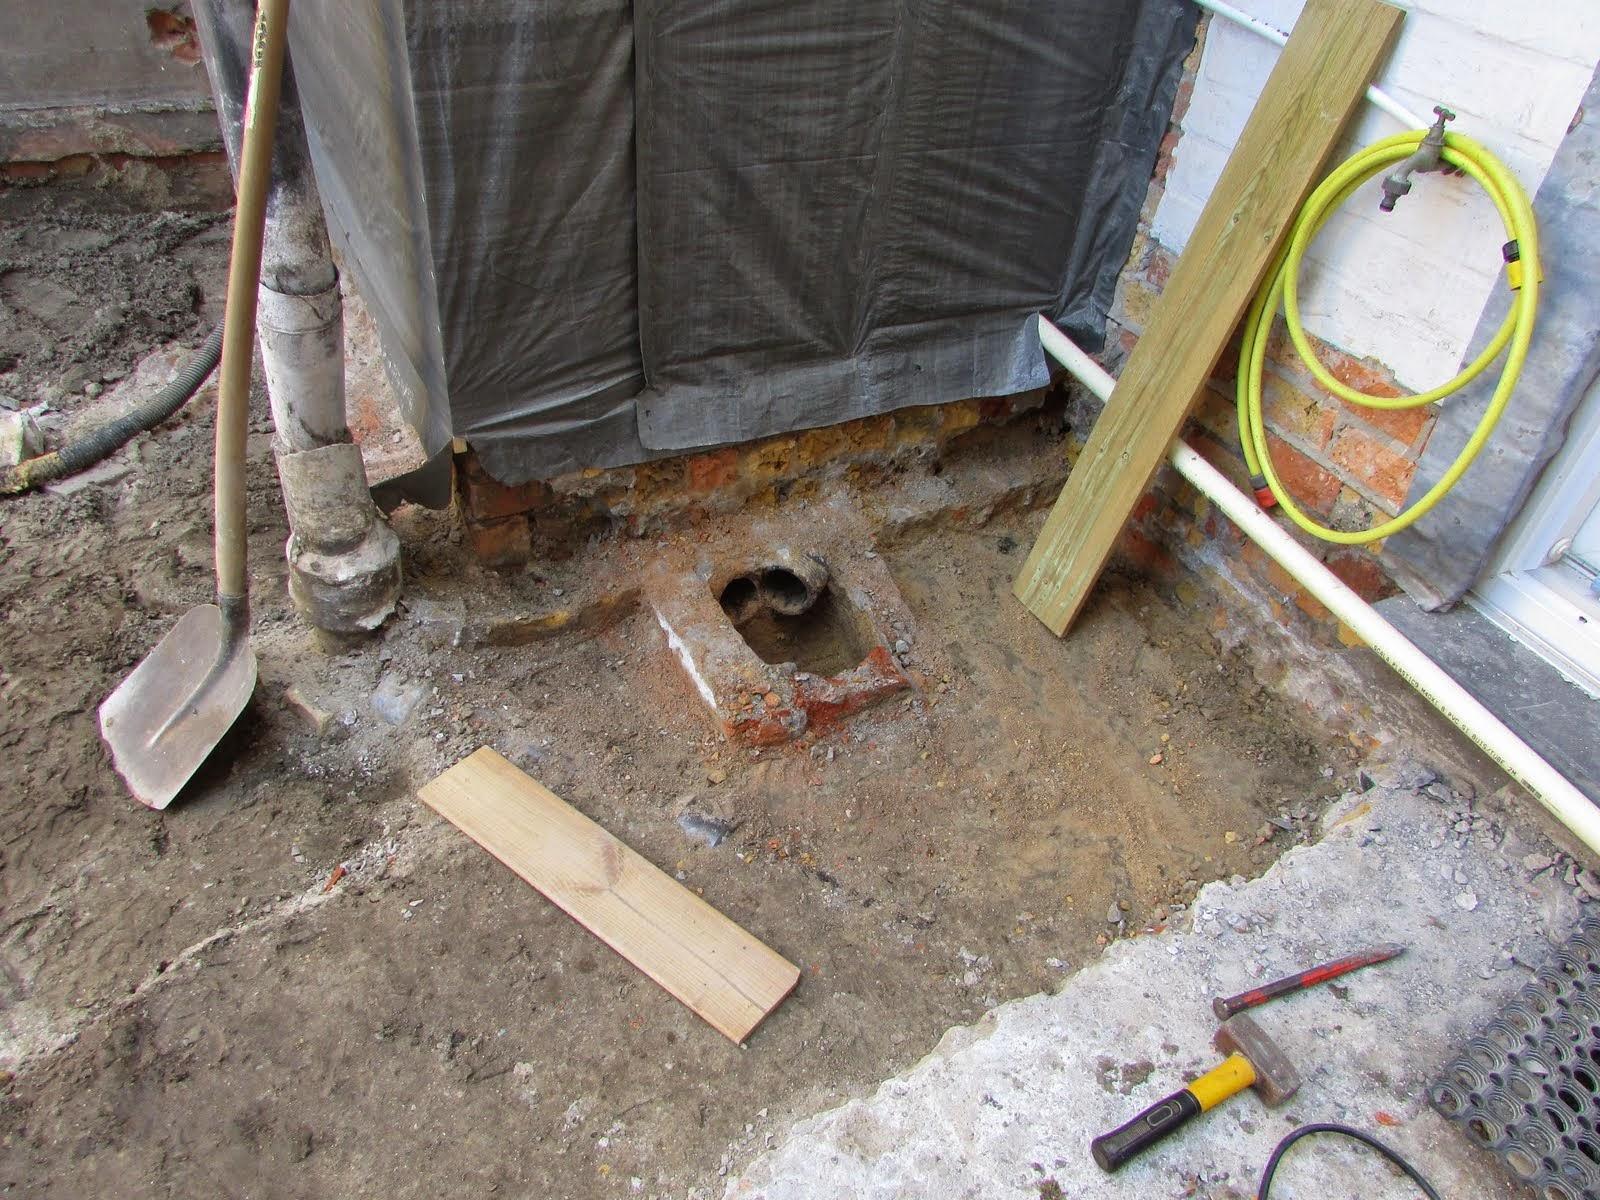 Tegels Badkamer Uitbreken : Verbouwing van ons ouderlijk huis: koer uitbreken dag 4